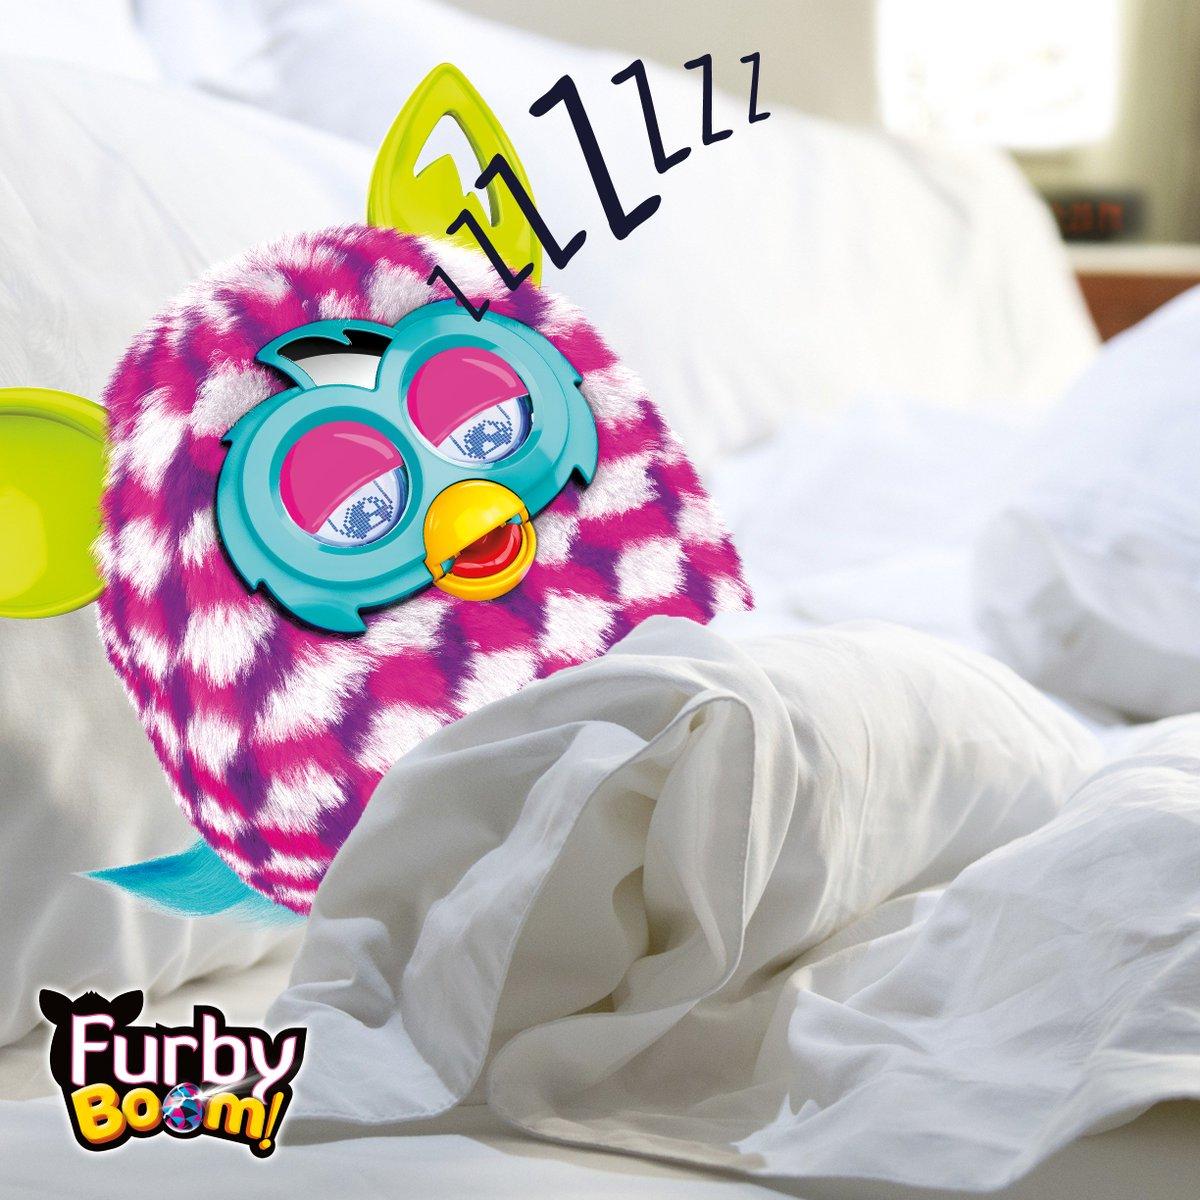 Tanto trasnochar estos días… Y pasa lo que pasa. ¿A vosotros también se os han pegado las sábanas como a #FurbyBoom? https://t.co/rKf98NLeGs